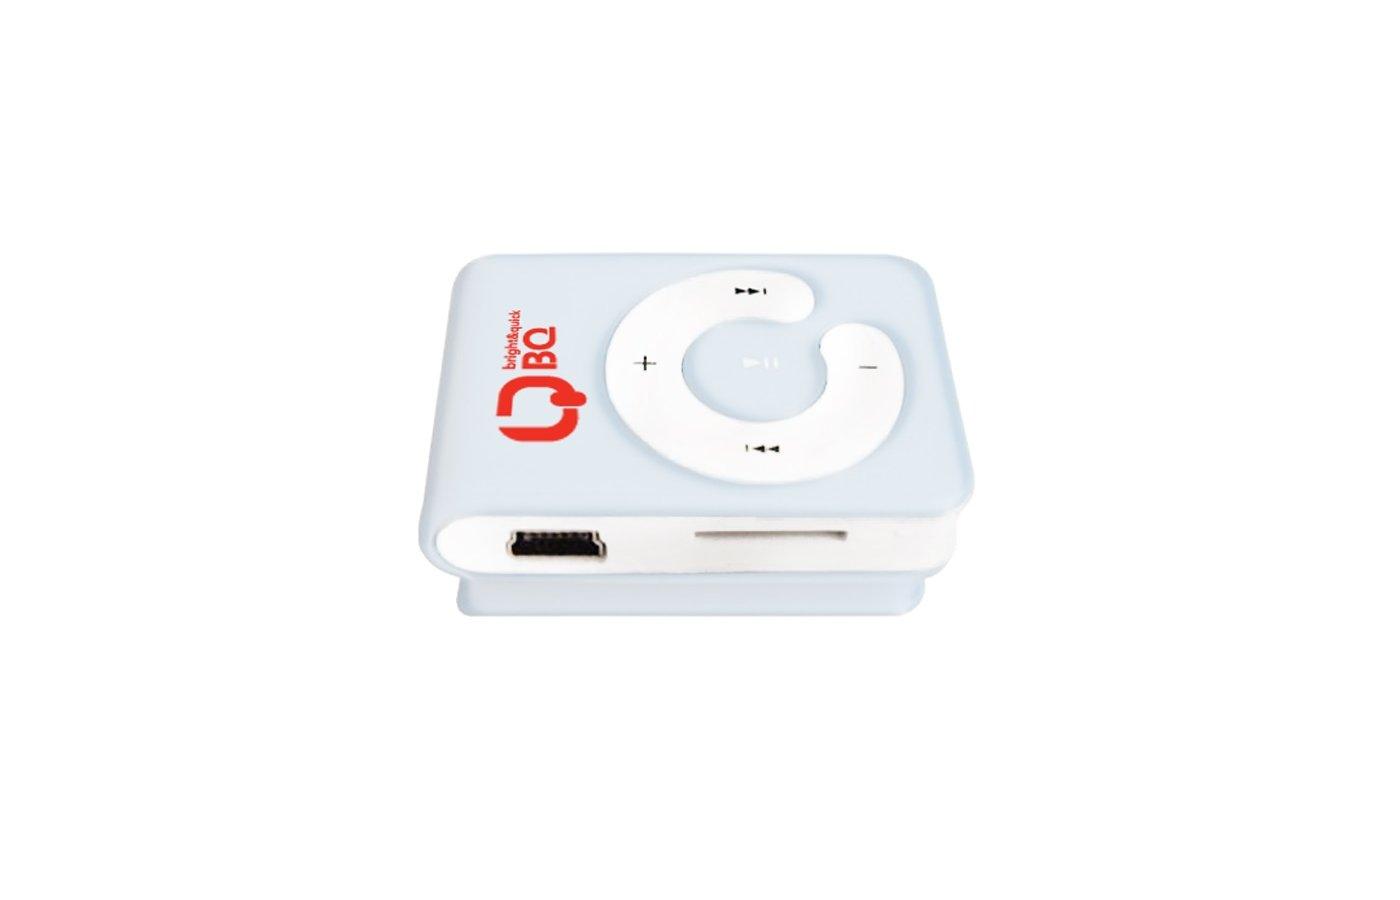 МР3 плеер BQ P002 Re white